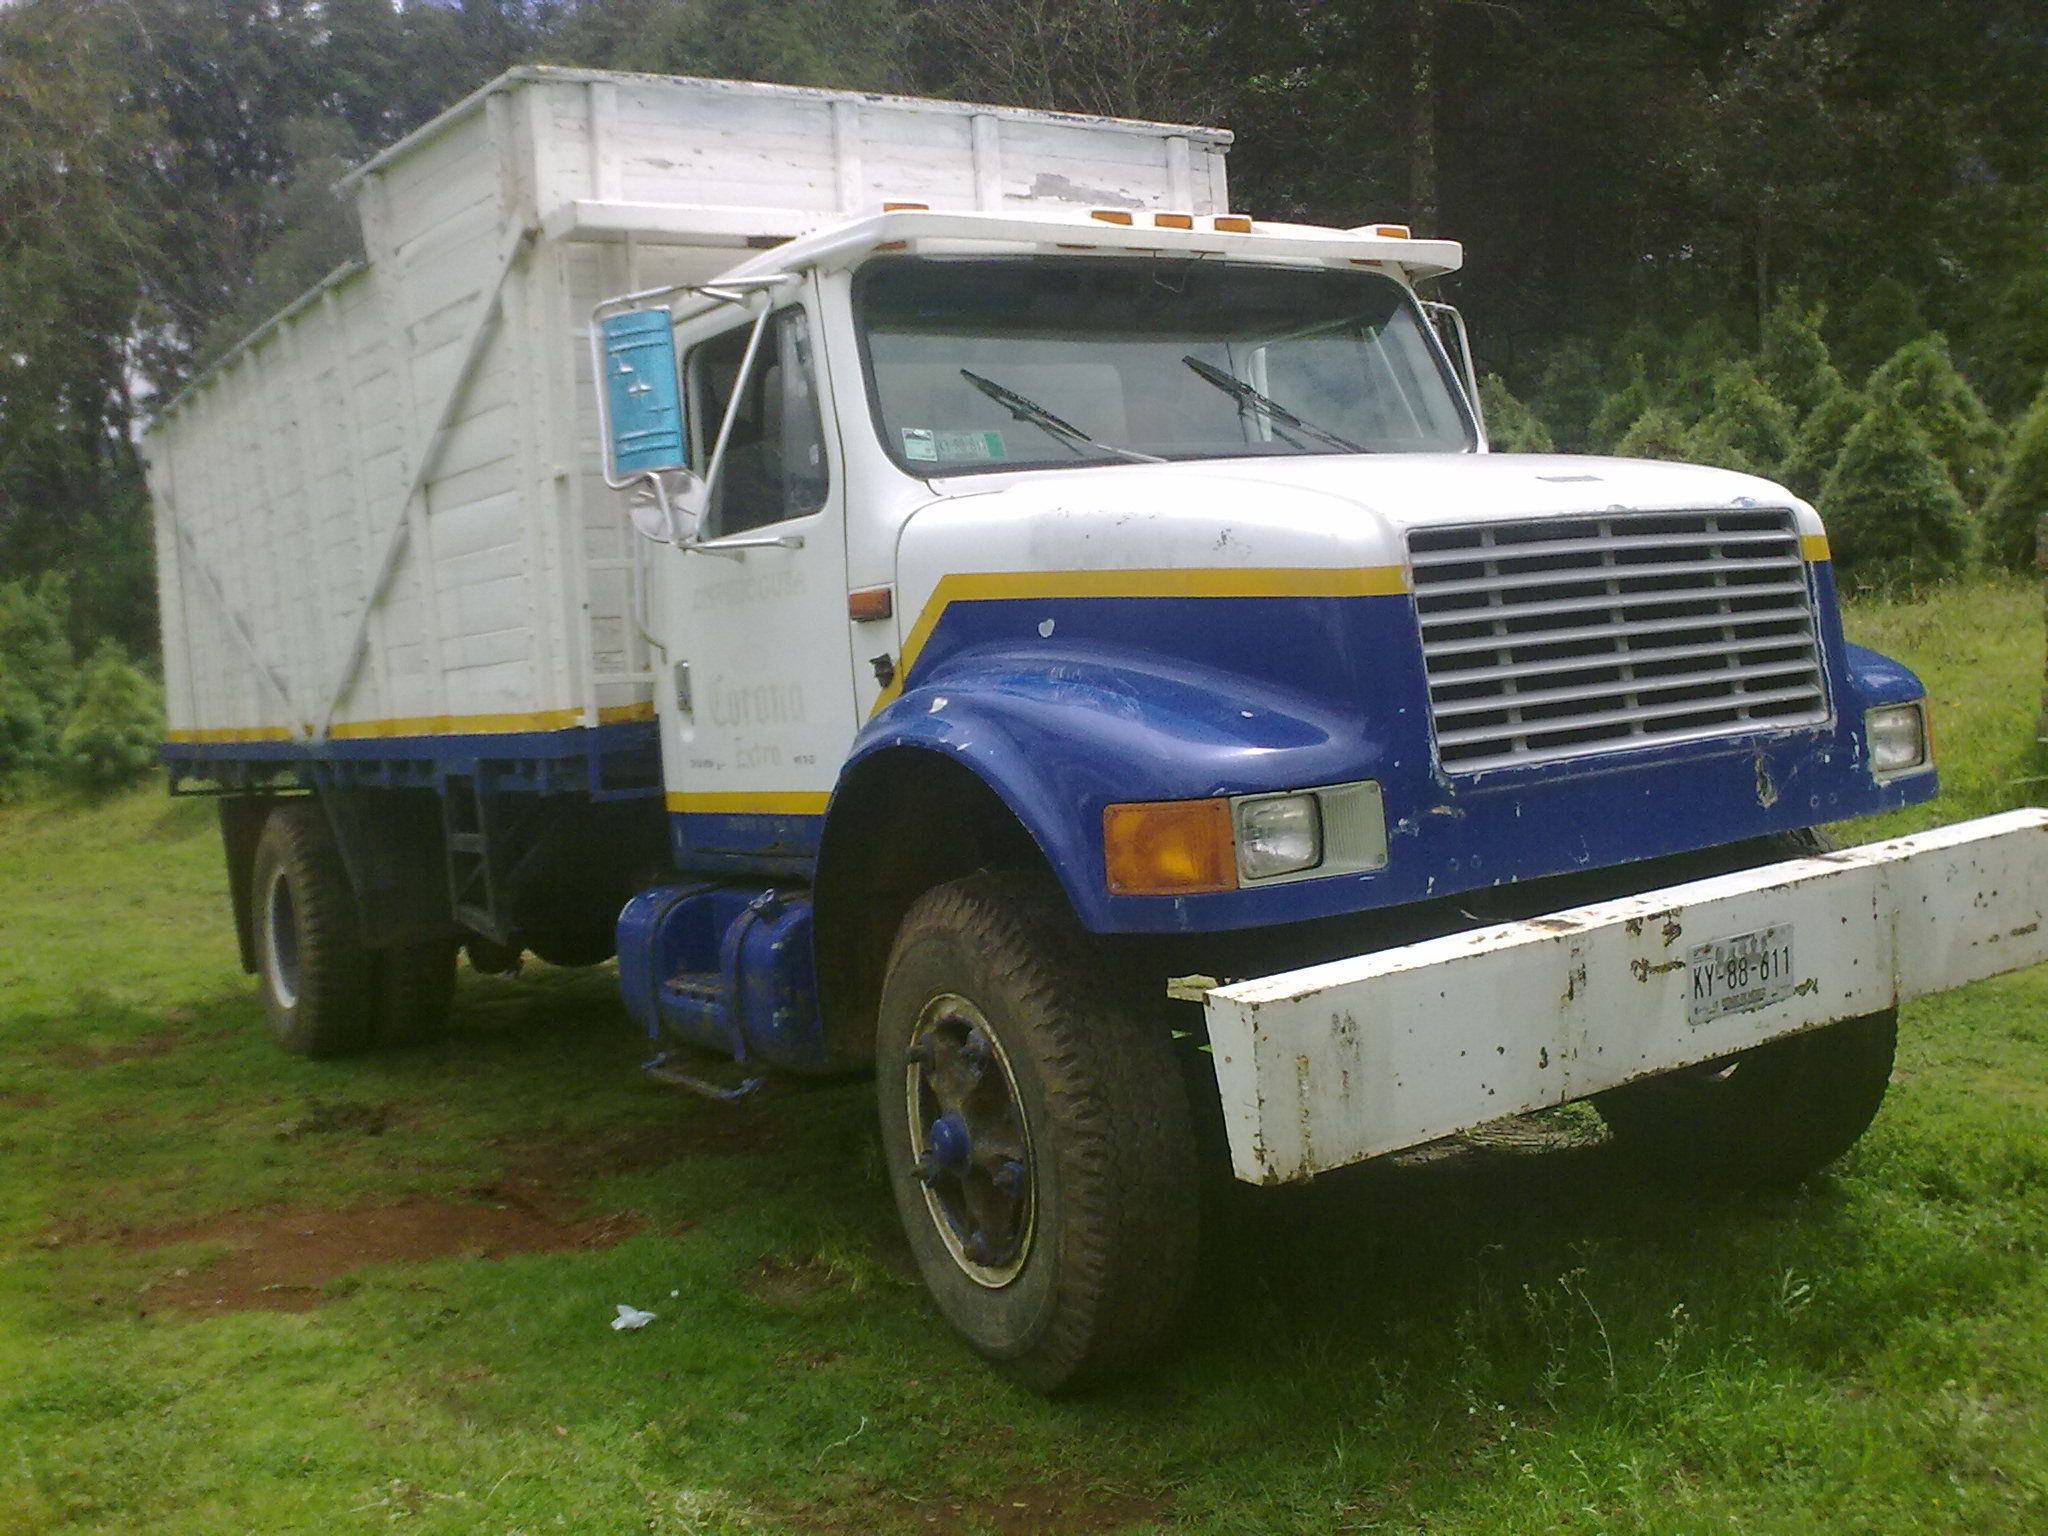 Camion Dina 1991 Motor Perkins Fase 4 5 Cambios Placas Y